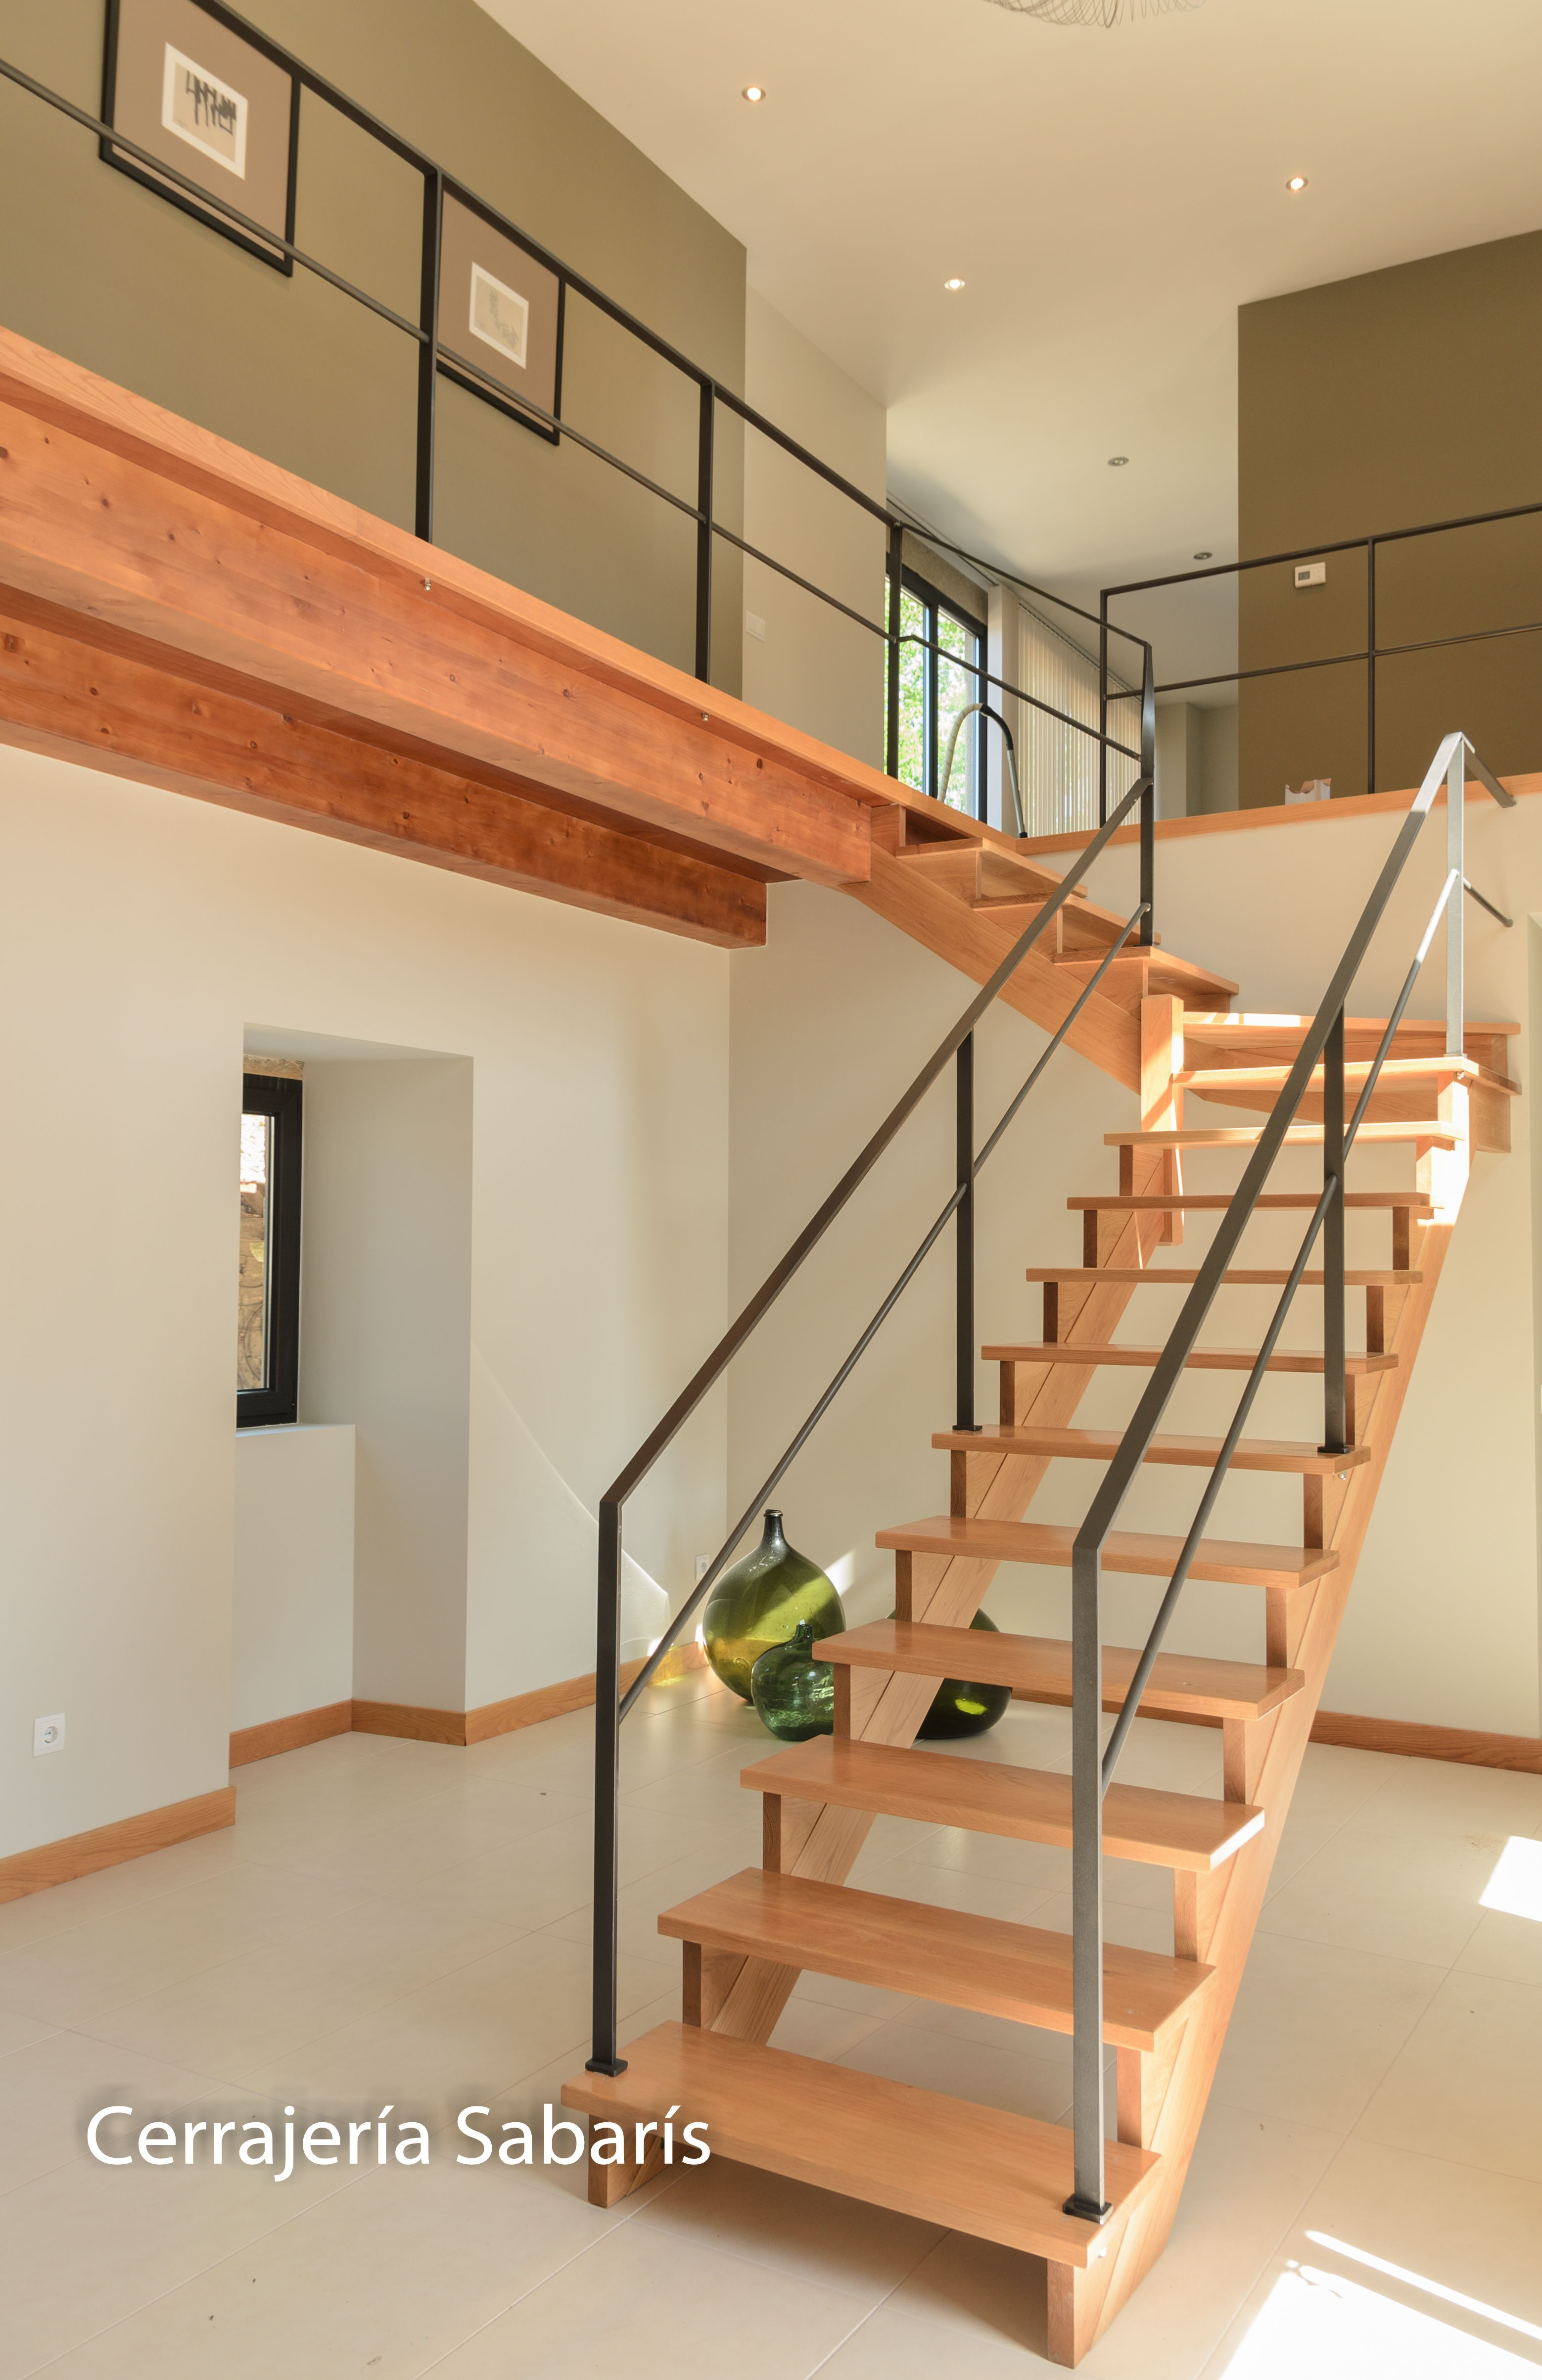 Barandilla para escalera de madera construida totalmente - Disenos interiores de casas ...